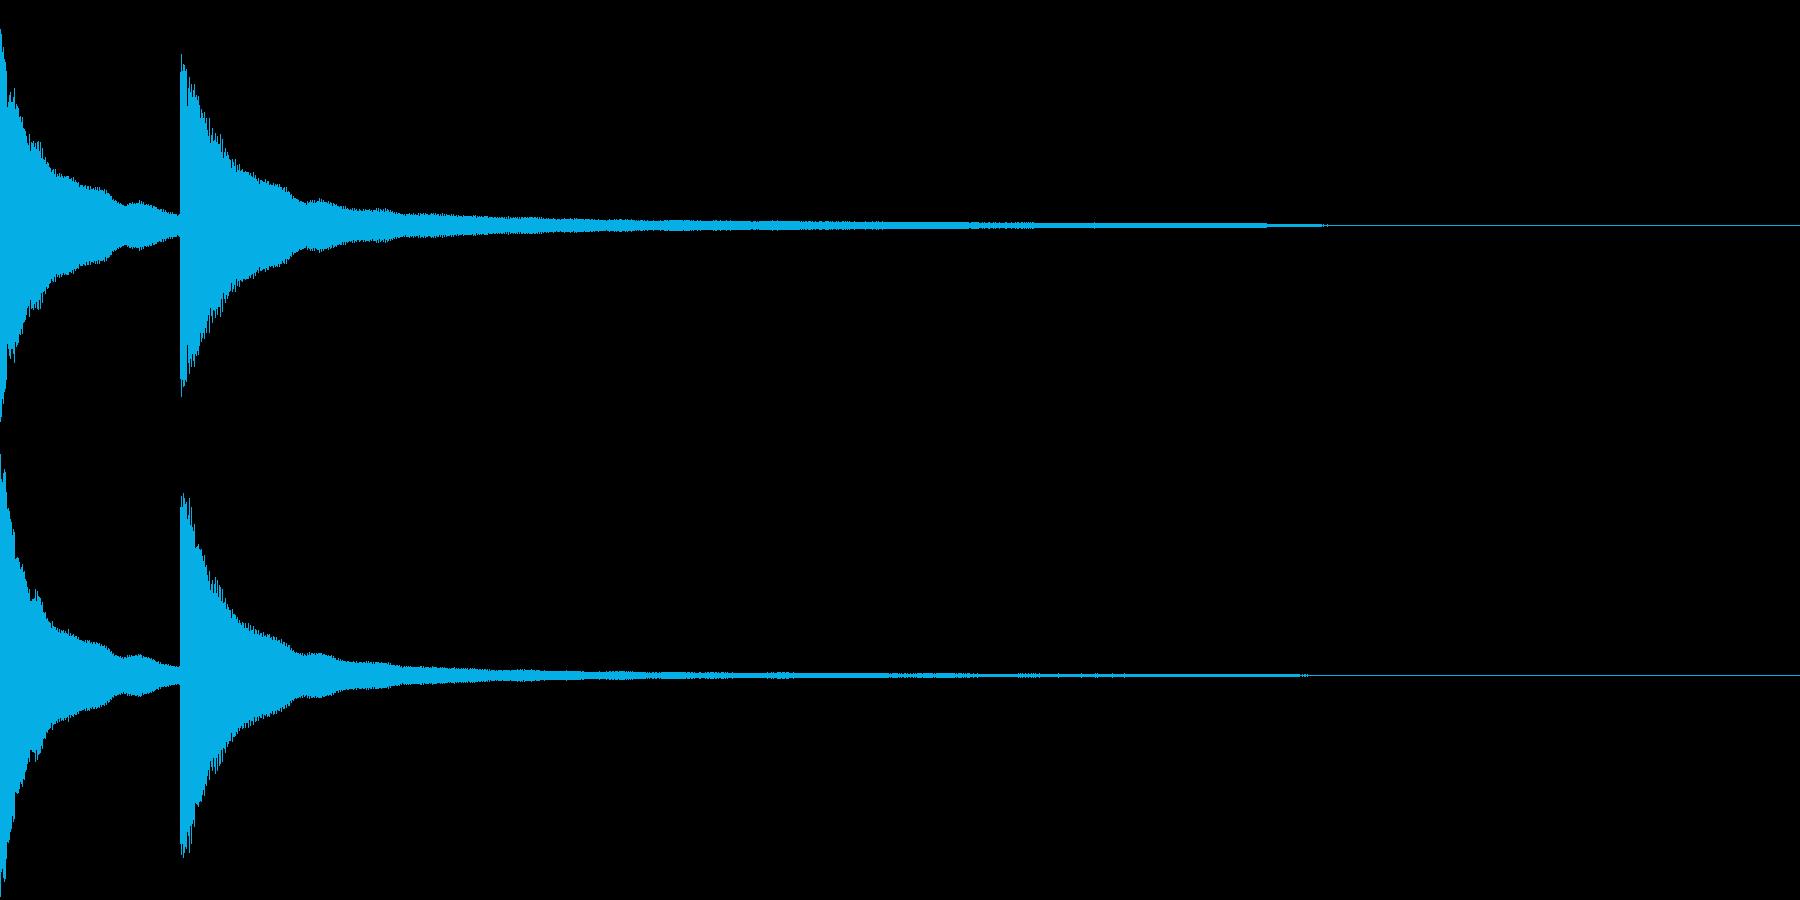 カーンカーン 西洋の鐘の音3の再生済みの波形